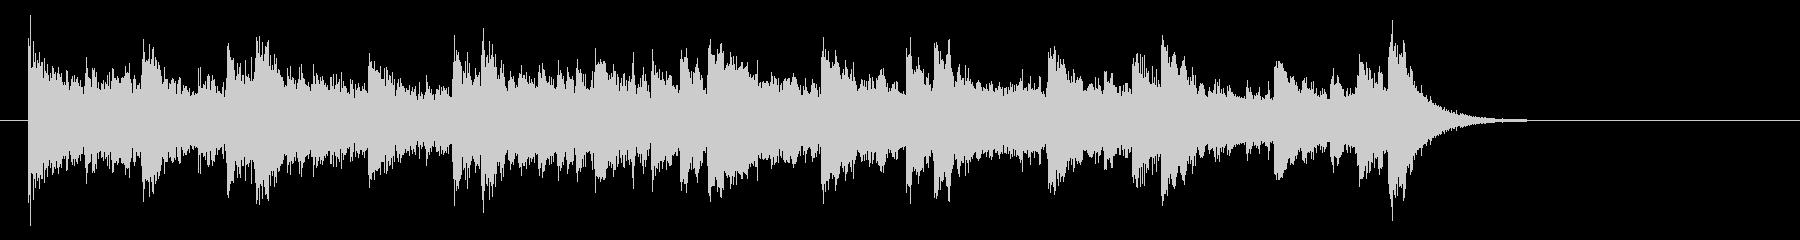 ピアノのライト・ポップス(サビ)の未再生の波形